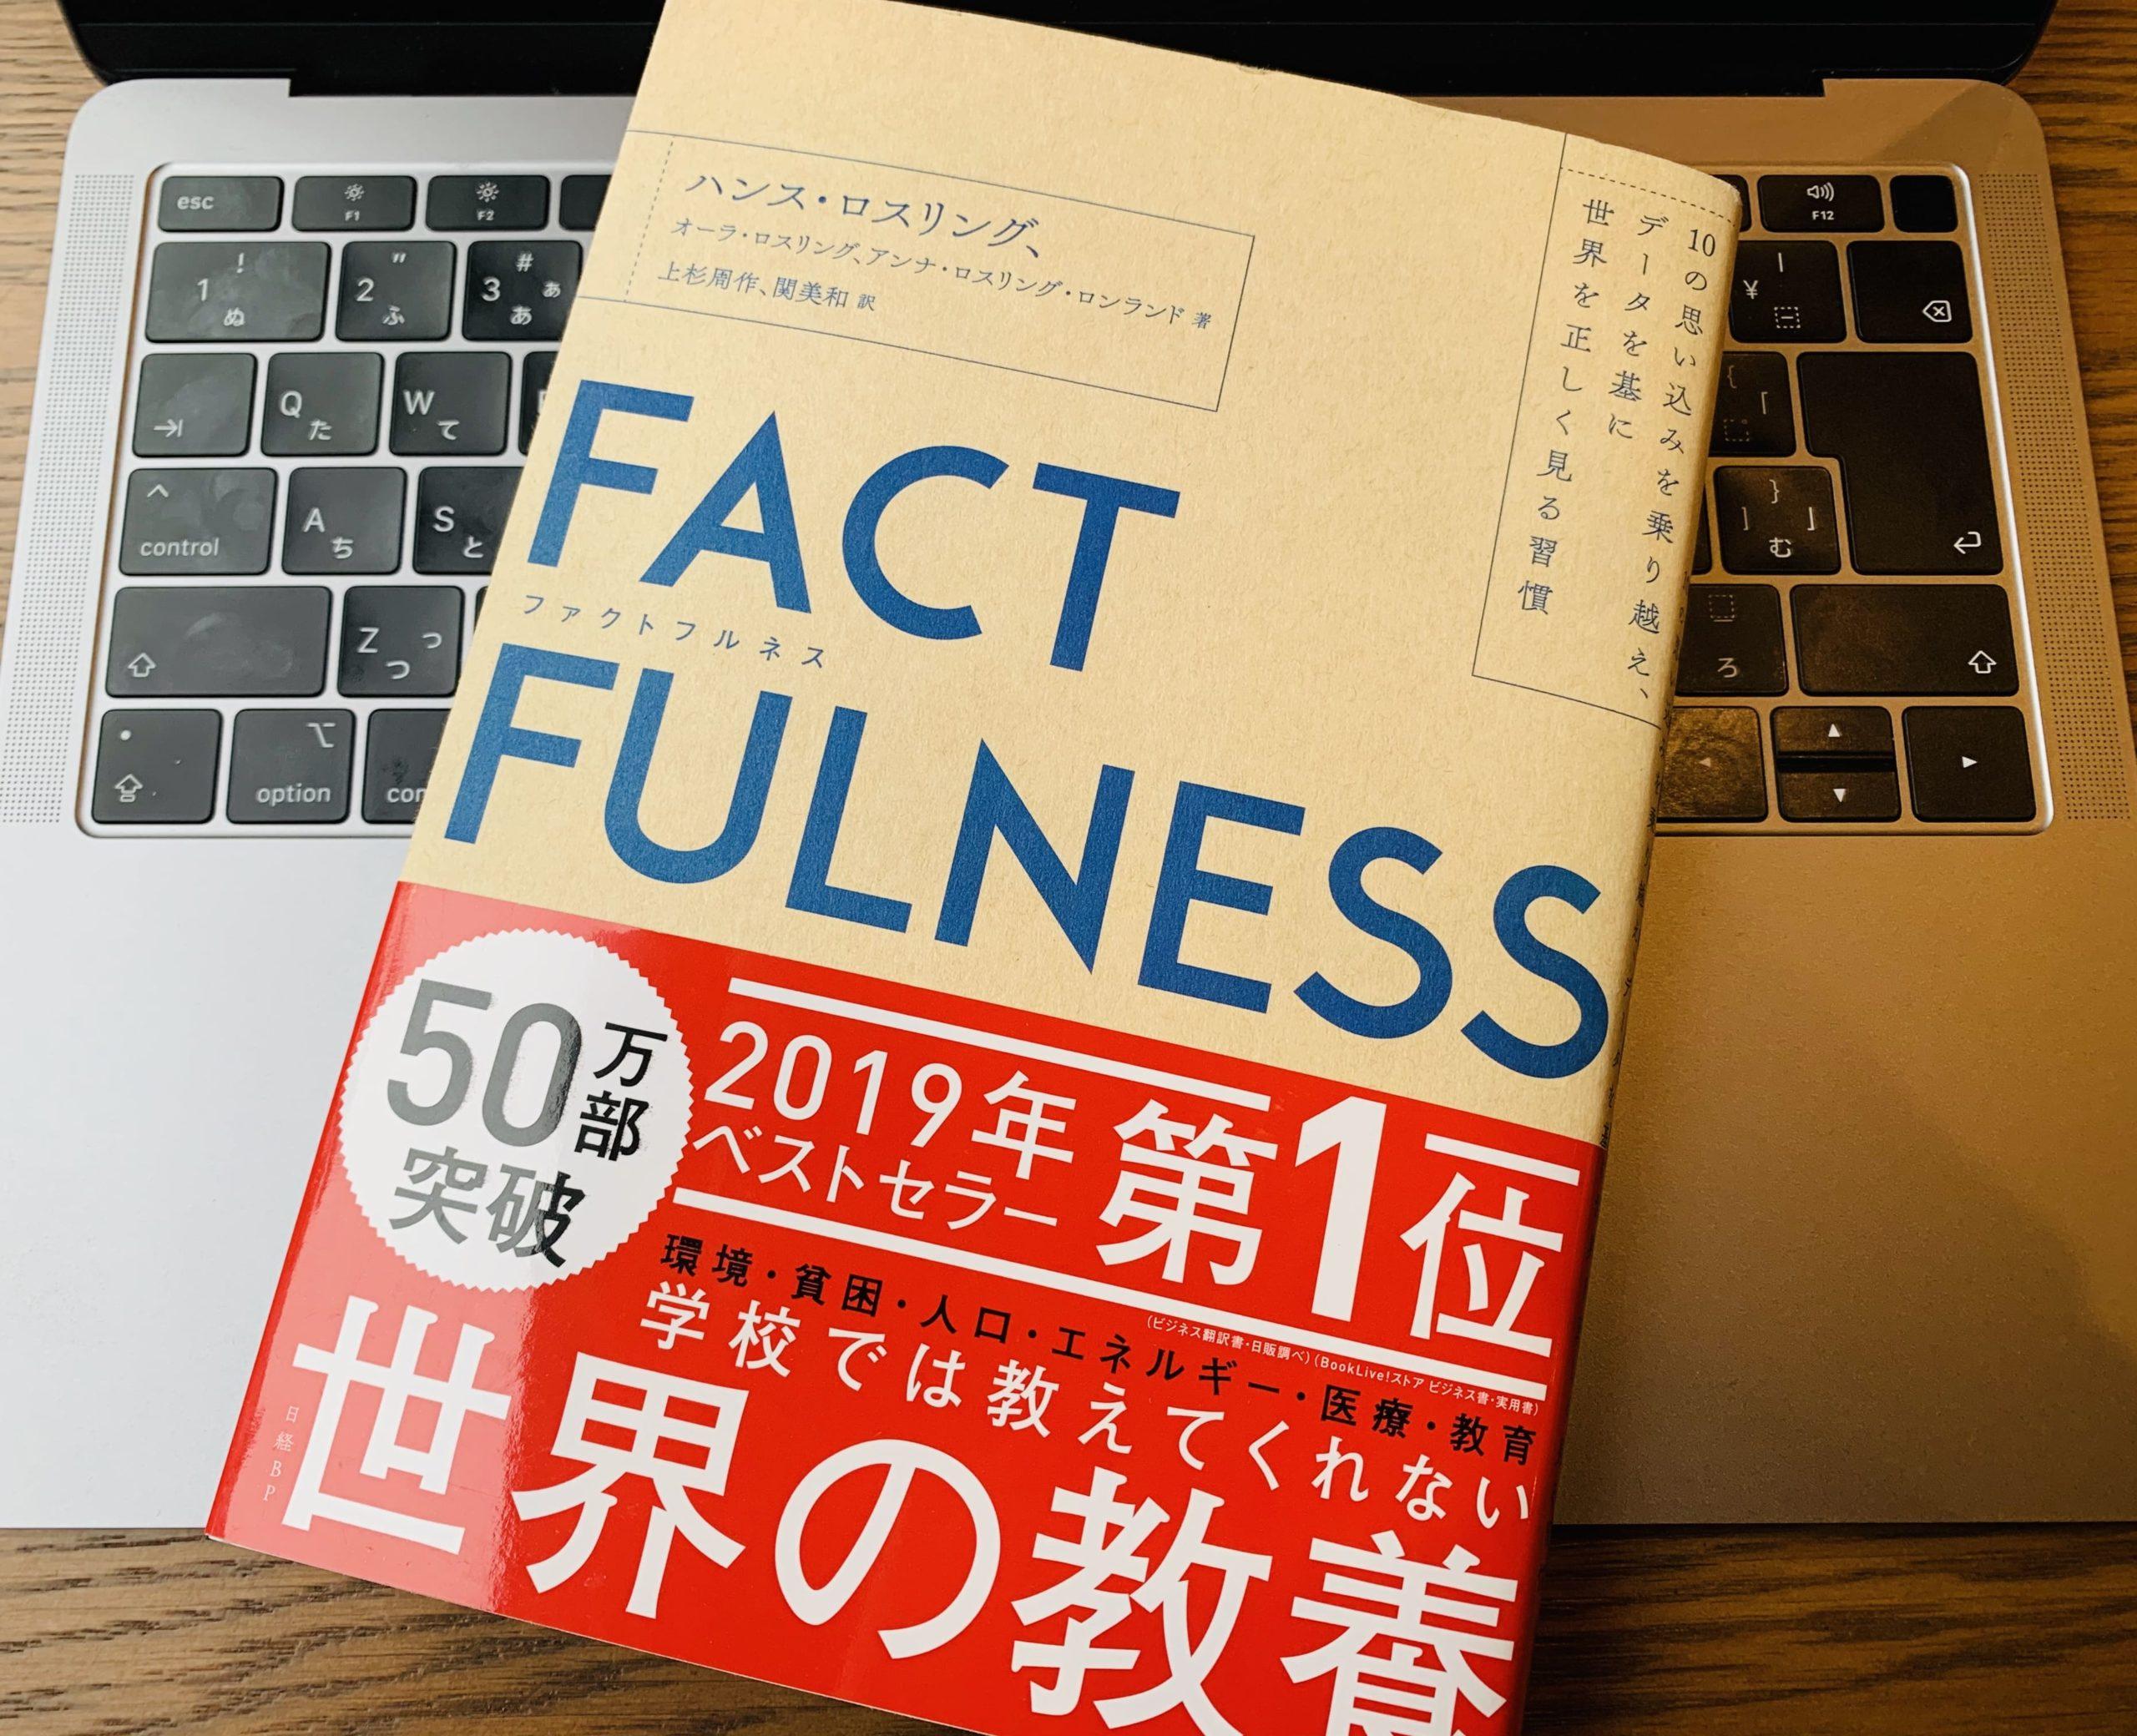 ファクトフルネス(FACTFULNESS)の画像